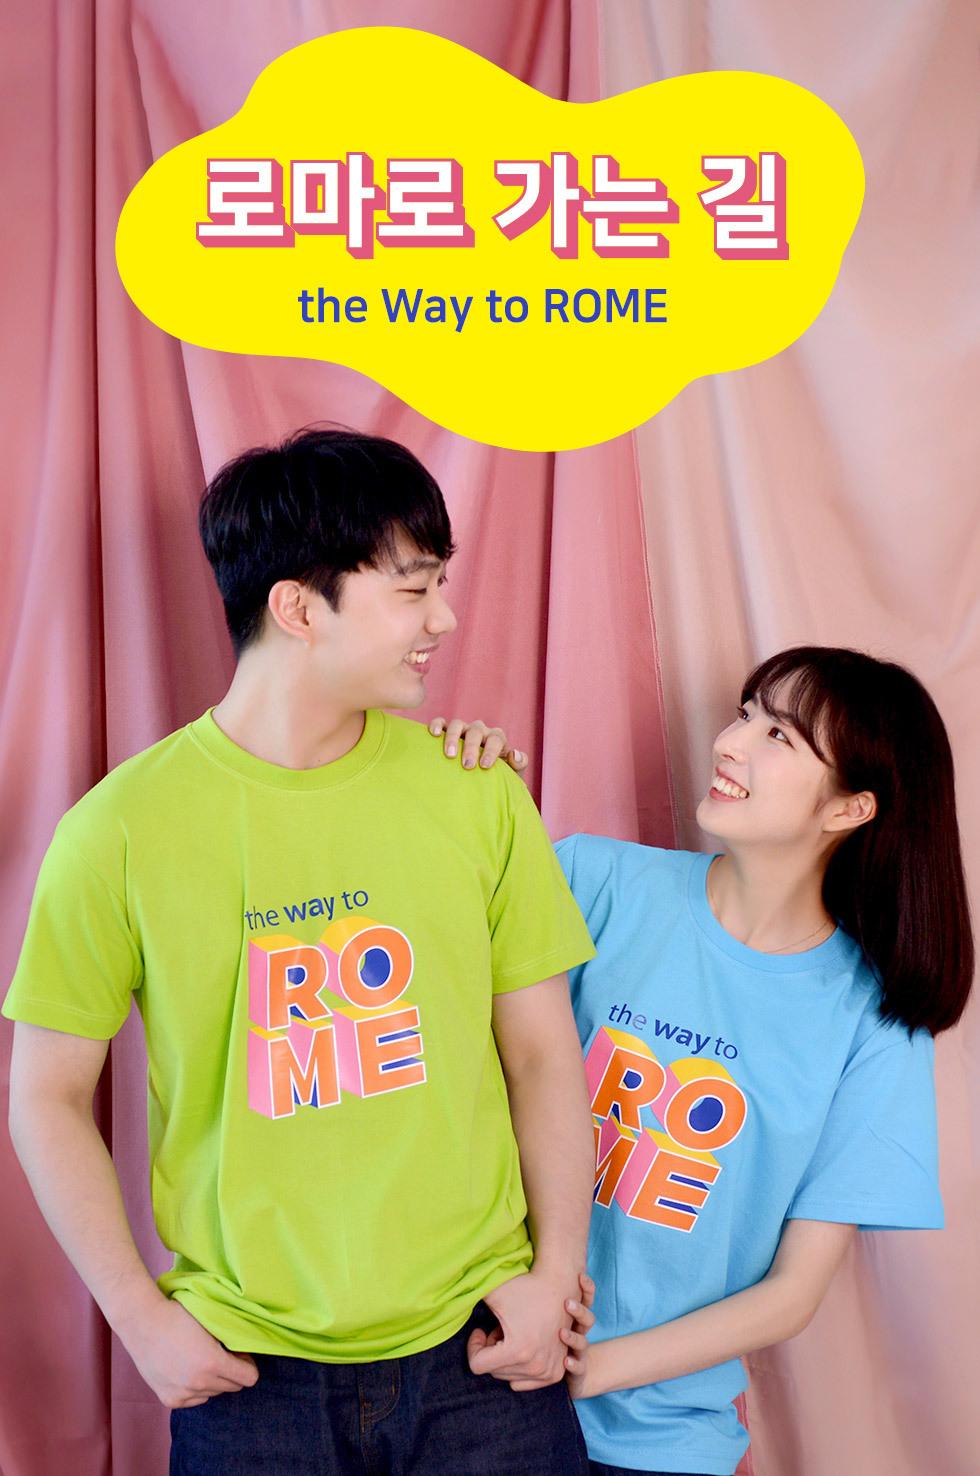 교회 단체티셔츠 바울의 교회사랑 이야기, 로마로 가는 길 (the way to ROME) - 성인티셔츠(오렌지) 타이틀이미지